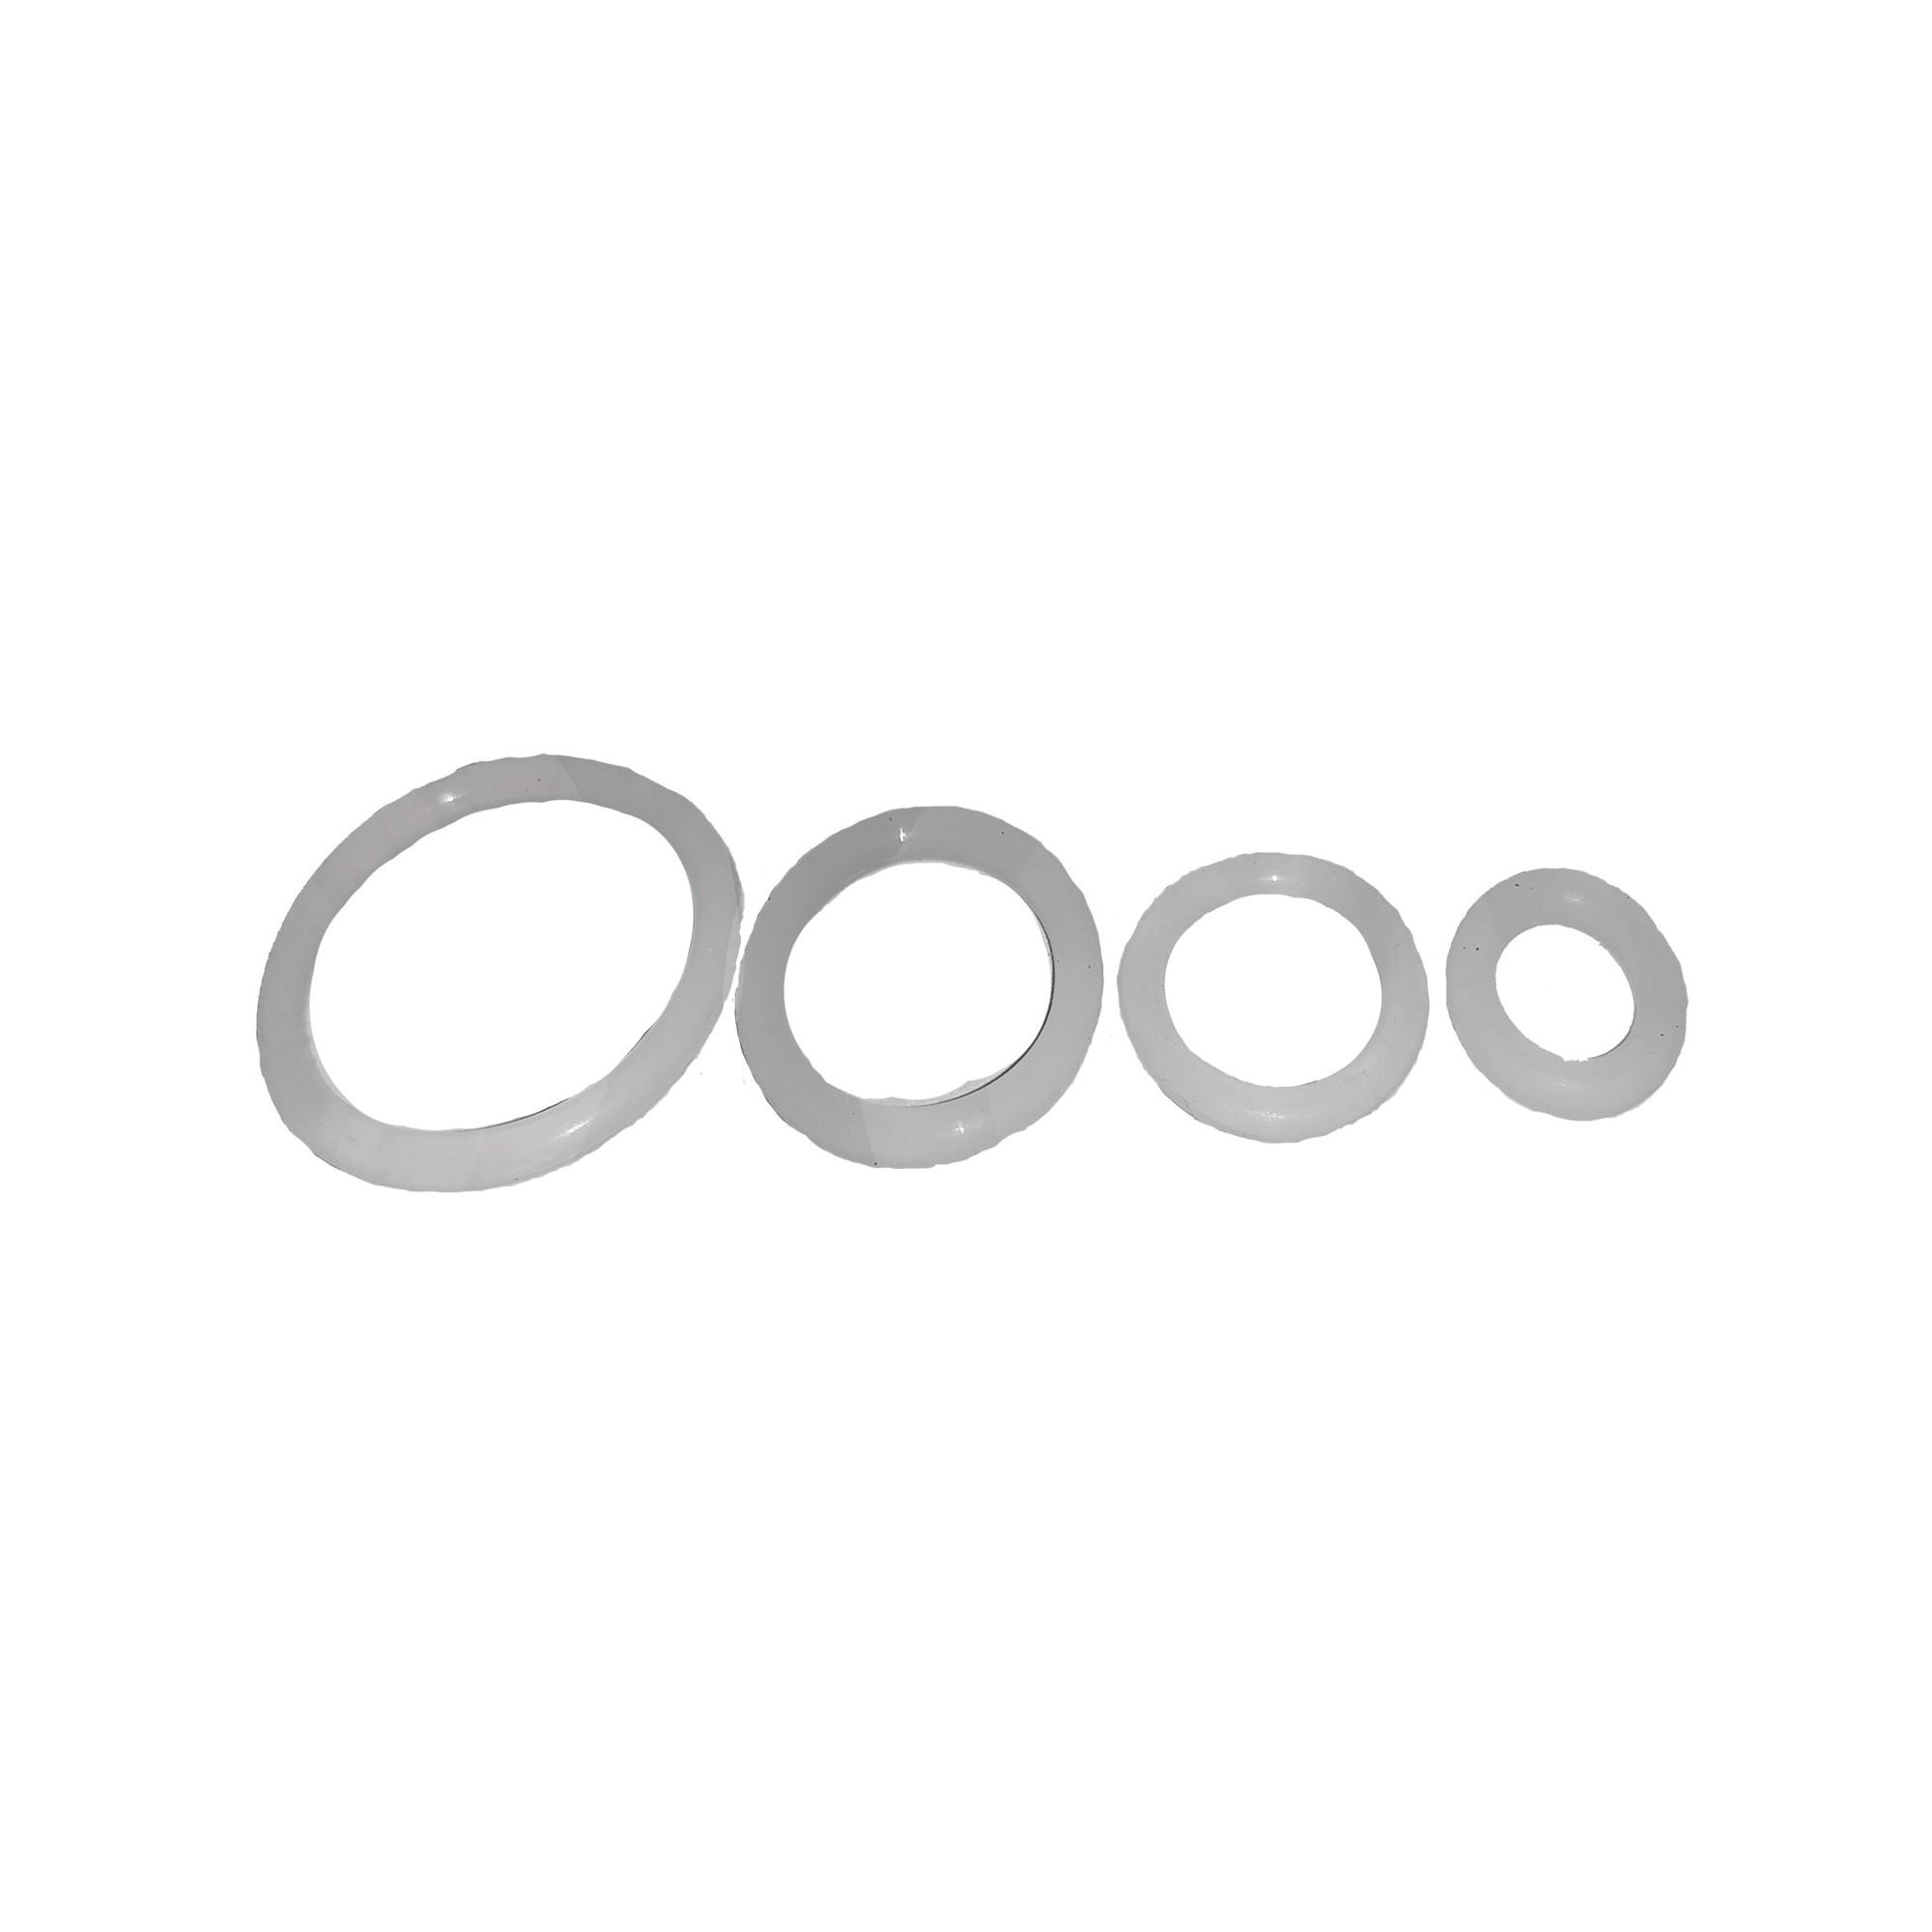 Упаковка колец силиконовых 100 шт пищевых термостойких 10мм*6,2мм*1.9мм J.G. - 1